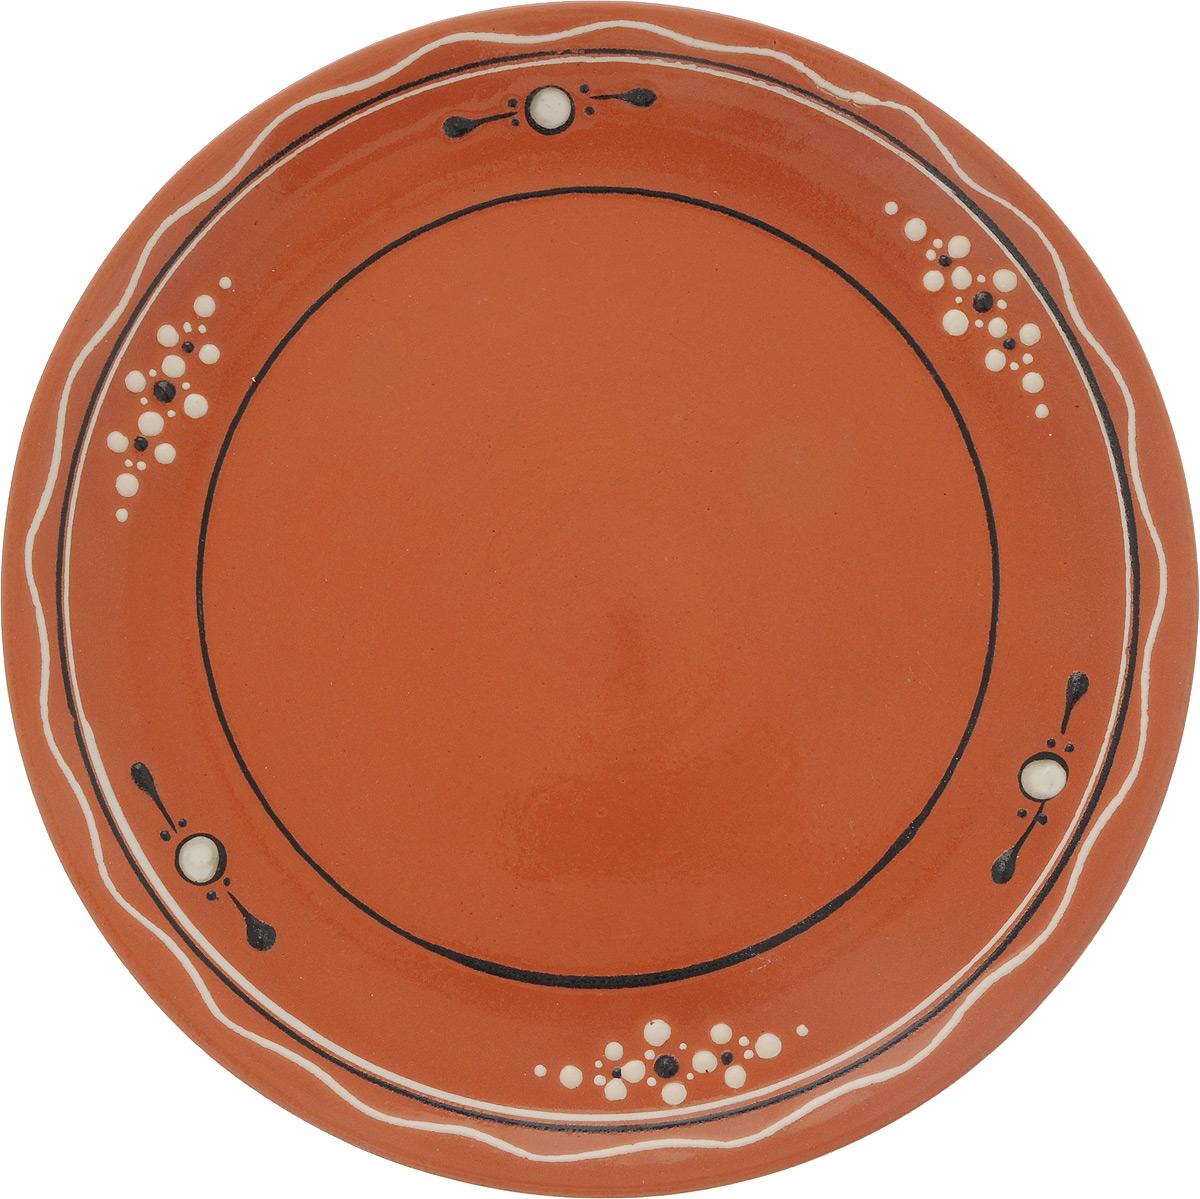 Тарелка для второго Ломоносовская керамика Оятская, диаметр 24 смFS-91909Тарелка для второго Ломоносовская керамика Оятская, изготовленная из глины, имеет изысканный внешний вид. Оригинальный дизайн тарелки украшен эксклюзивным орнаментом, который придется по вкусу и ценителям классики, и тем, кто предпочитает современный стиль. Диаметр тарелки: 24 см. Высота: 2,5 см.